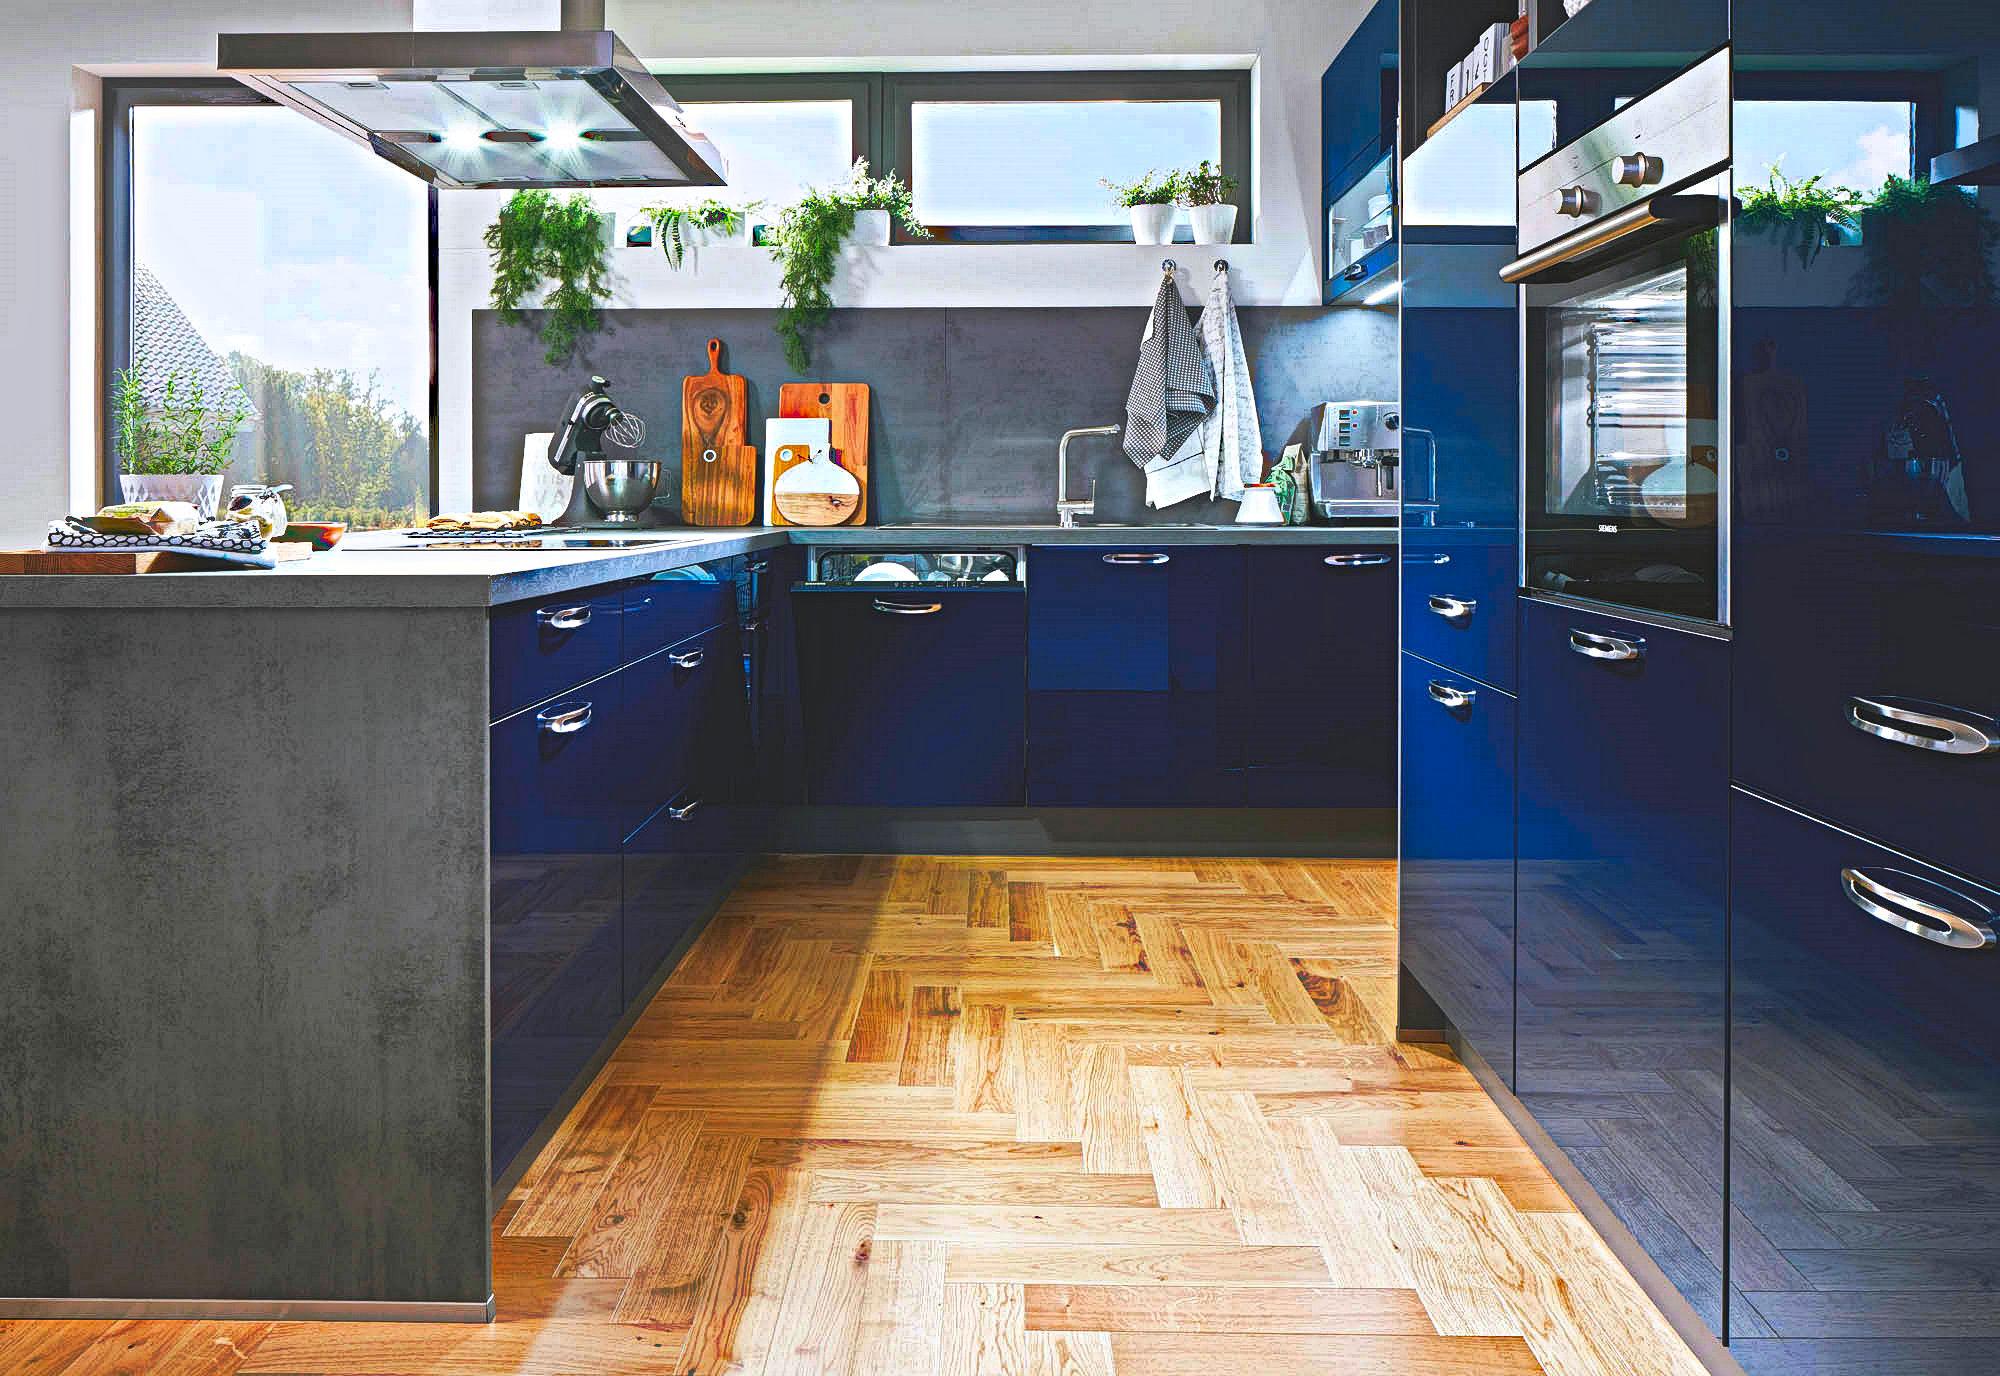 Full Size of Küche Blau Blaue Kchen Gnstig Kaufen Kompetente Kchenplanung Kchenbrse Fliesenspiegel Selber Machen Wandregal Landhaus Landhausstil Pendeltür Winkel Wohnzimmer Küche Blau